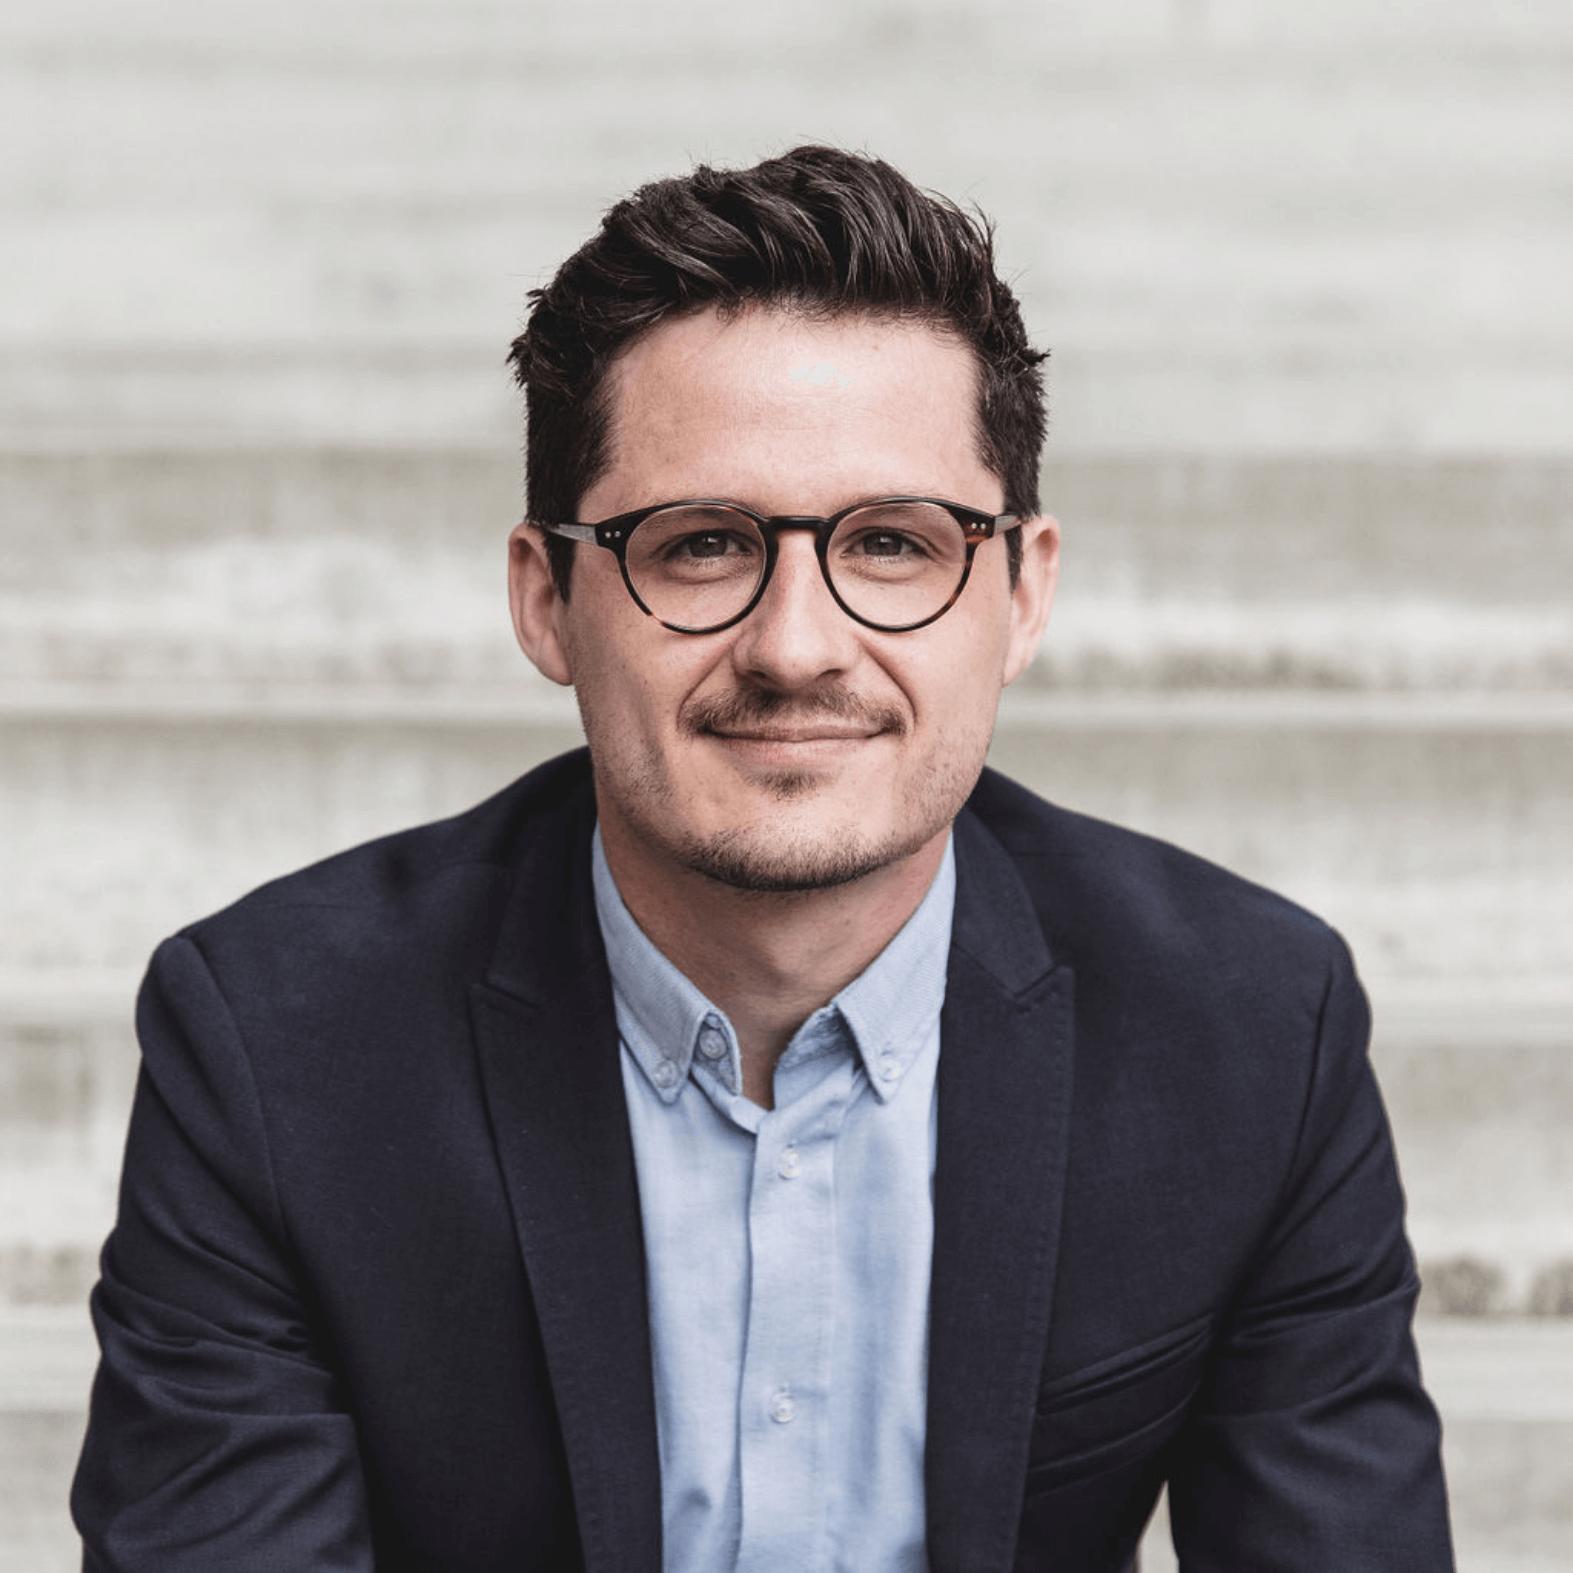 Mathias Nick Andersen